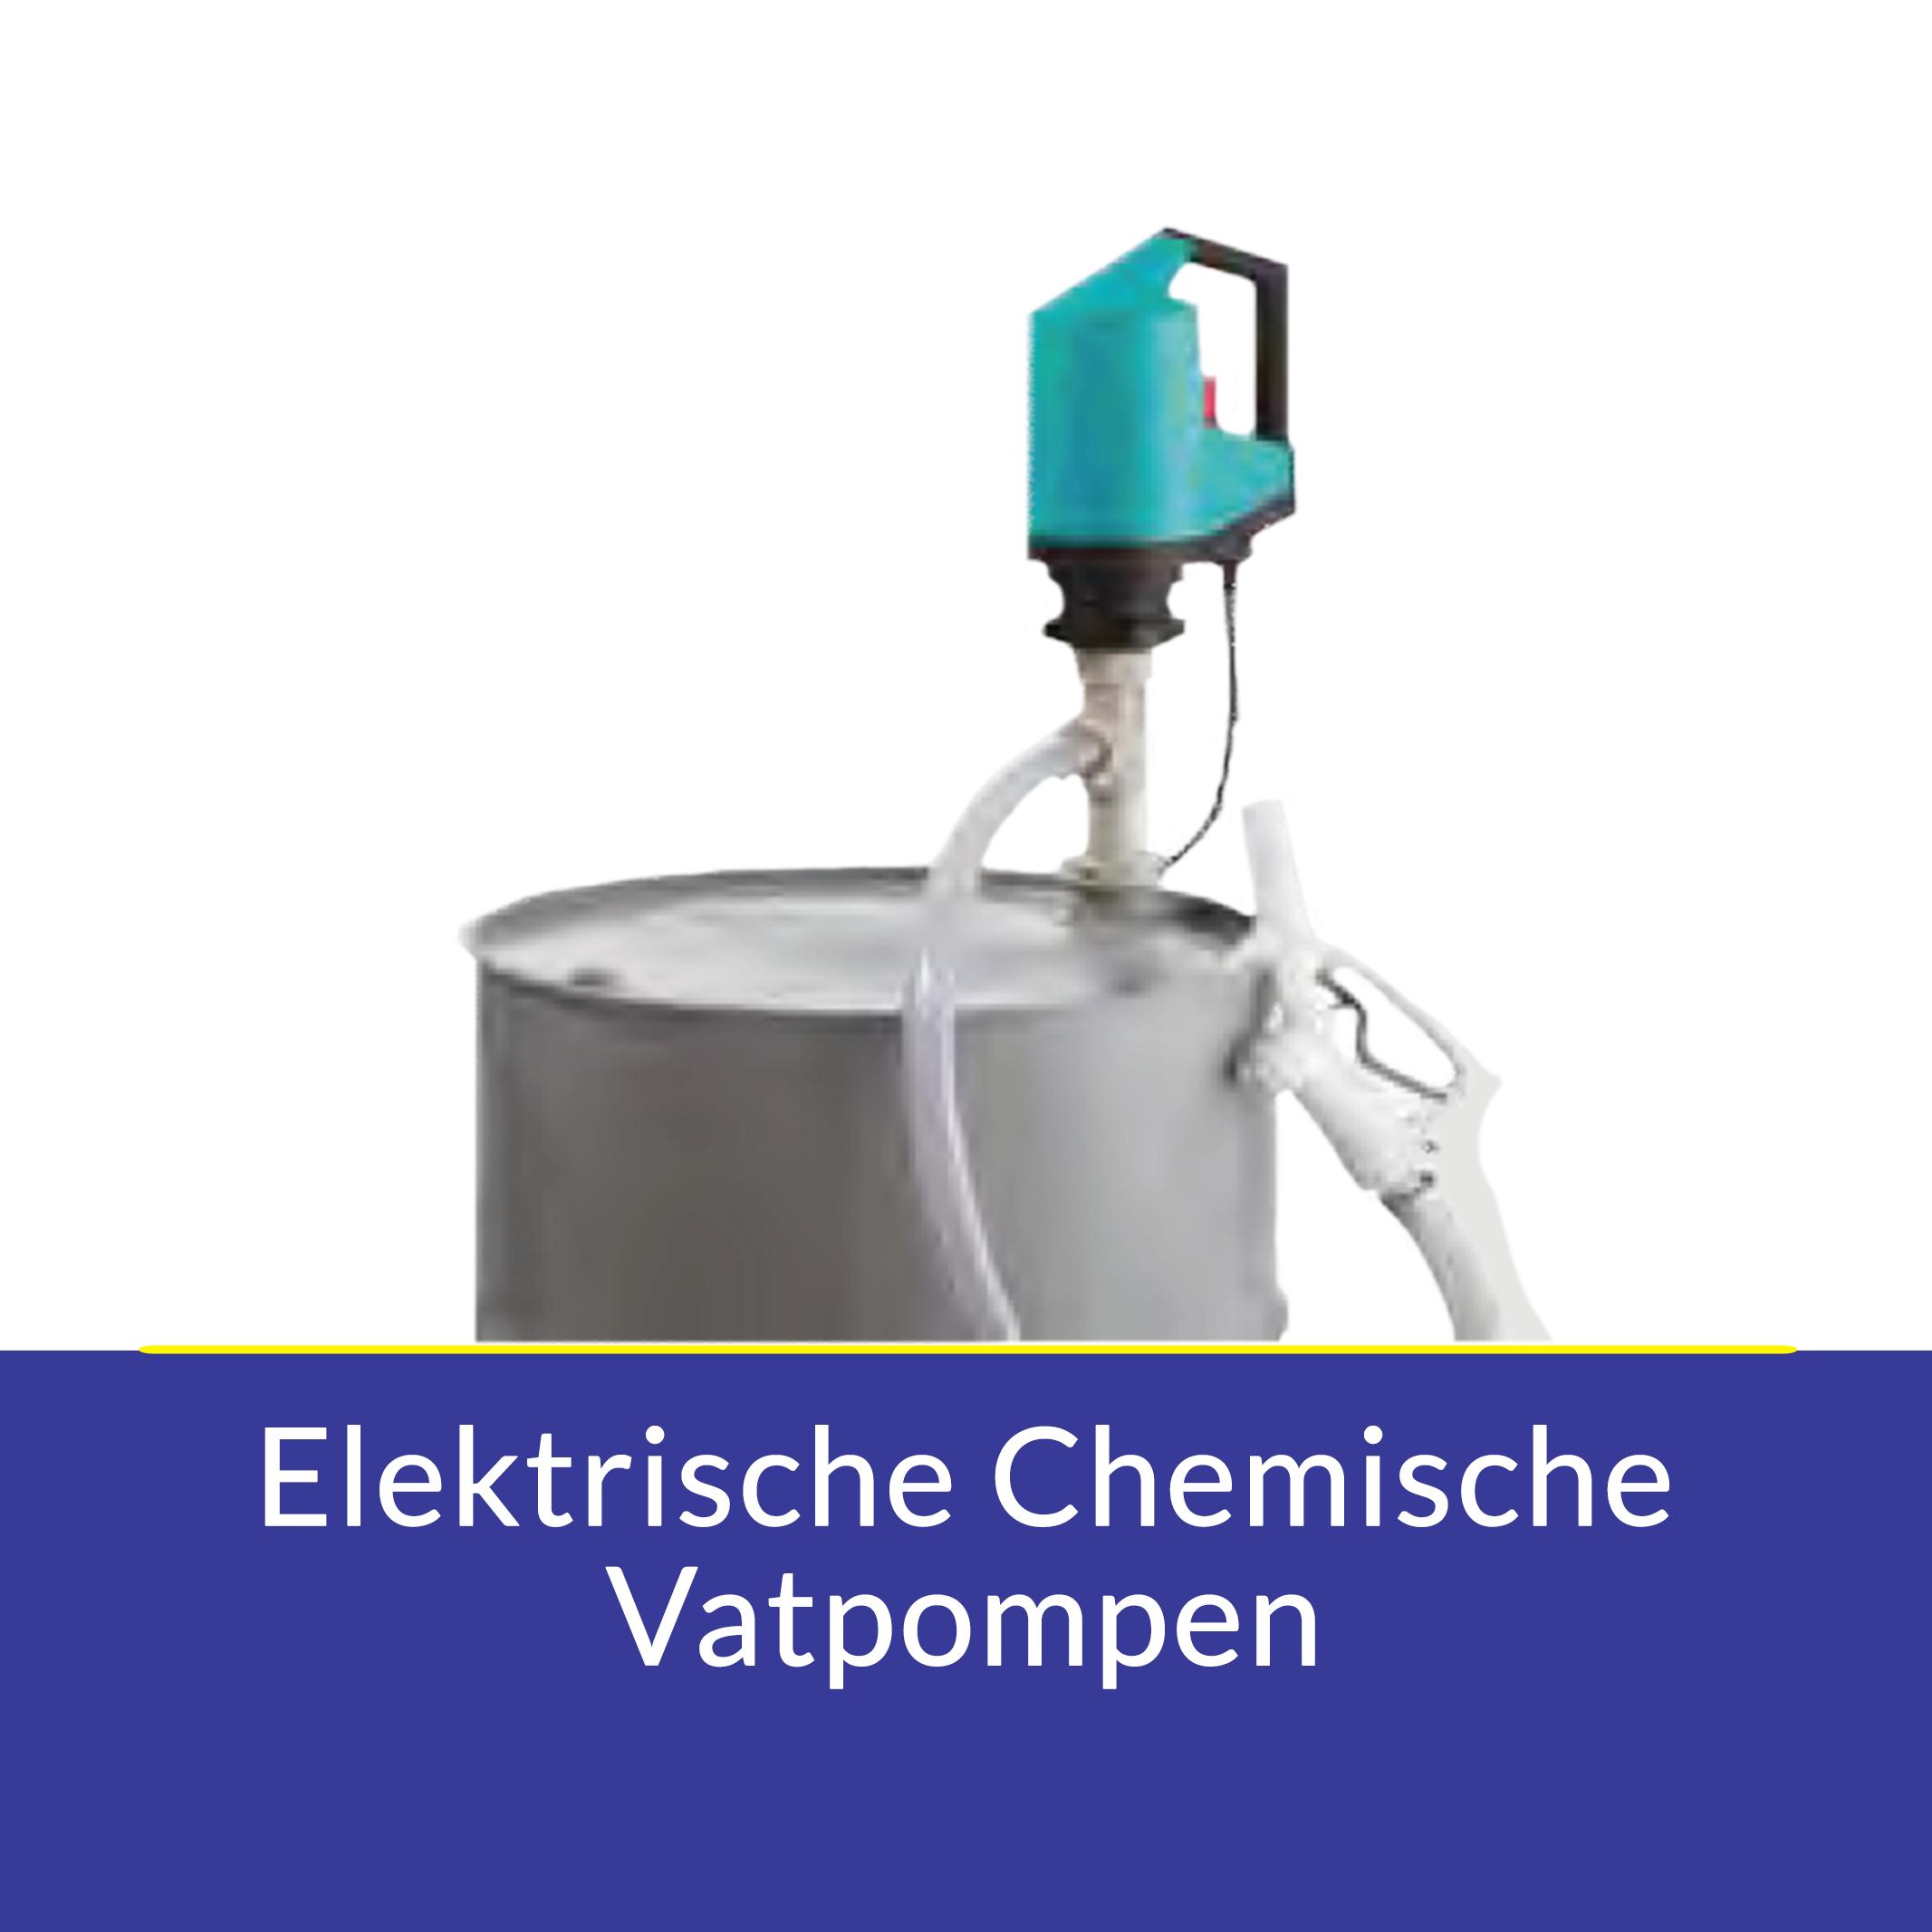 Elektrische Chemische Vatpompen